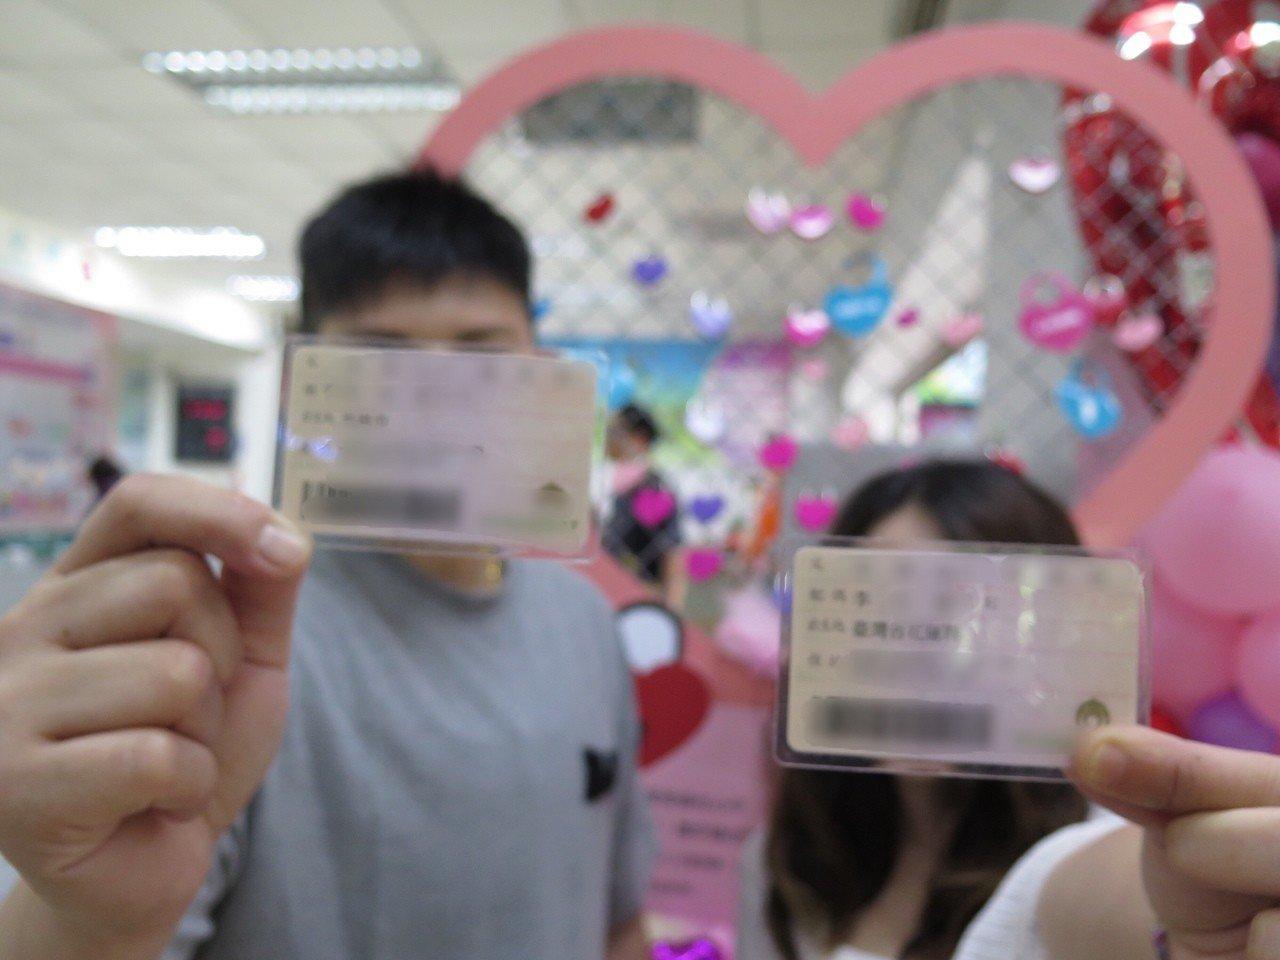 33歲妮可與伴侶K交往10年,早在1個月前就請好假要在同婚首日登記,她說「很開心...